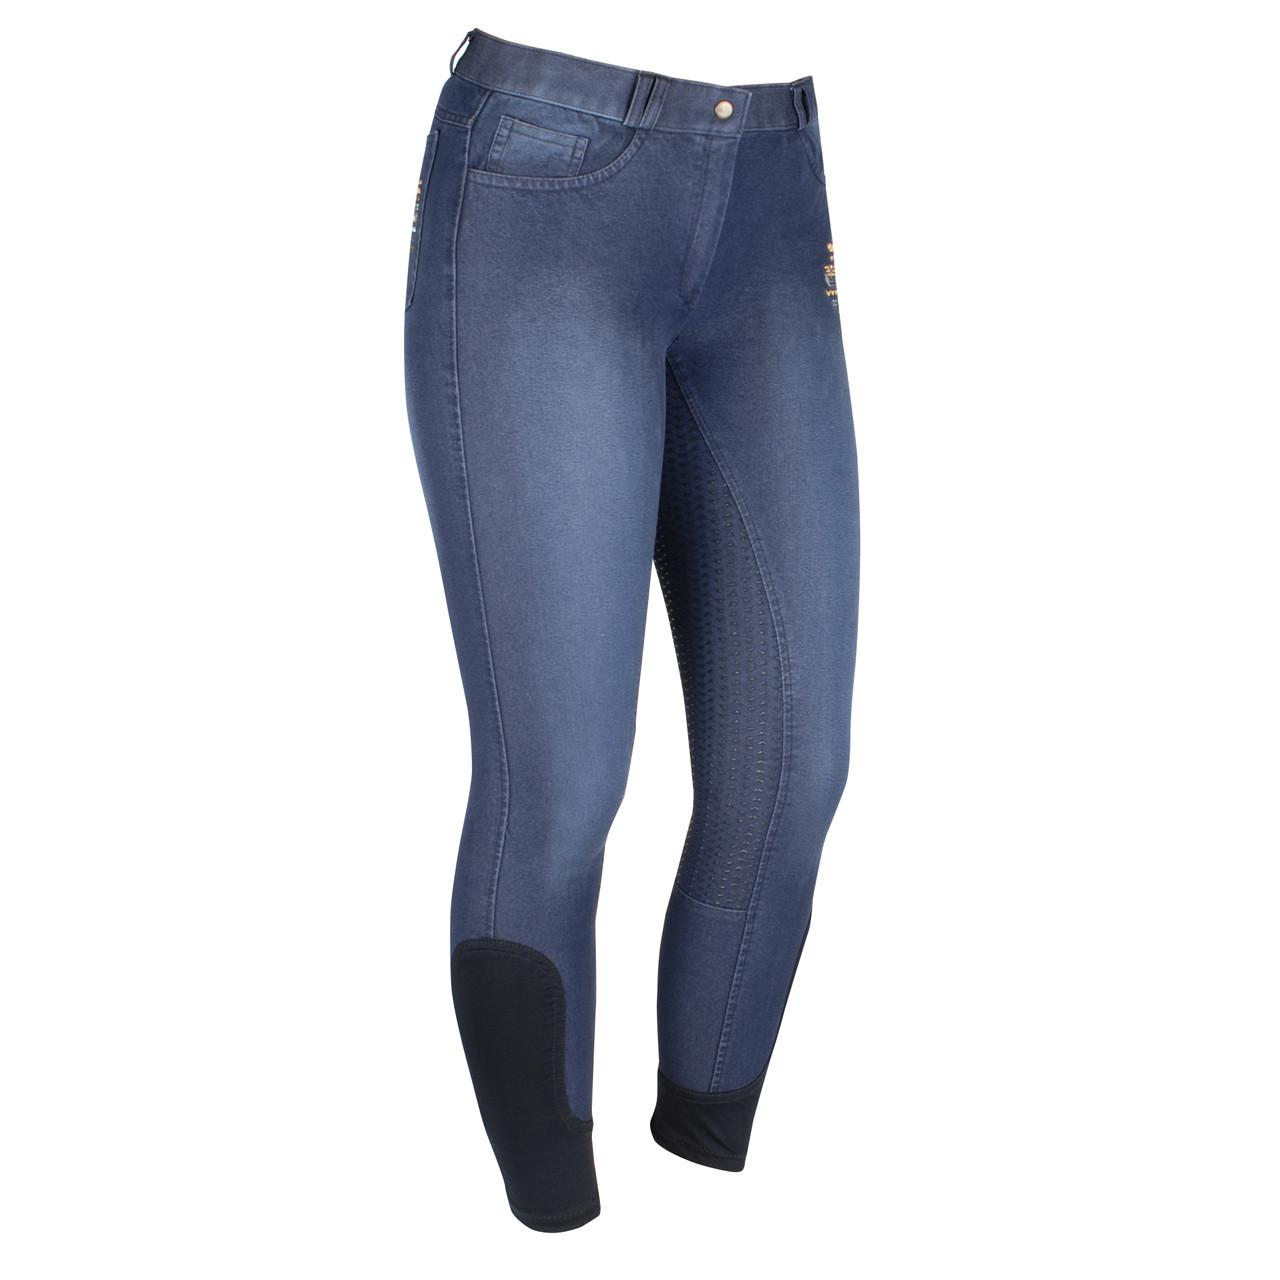 Mondoni Eivissa rijbroek jeans maat:42